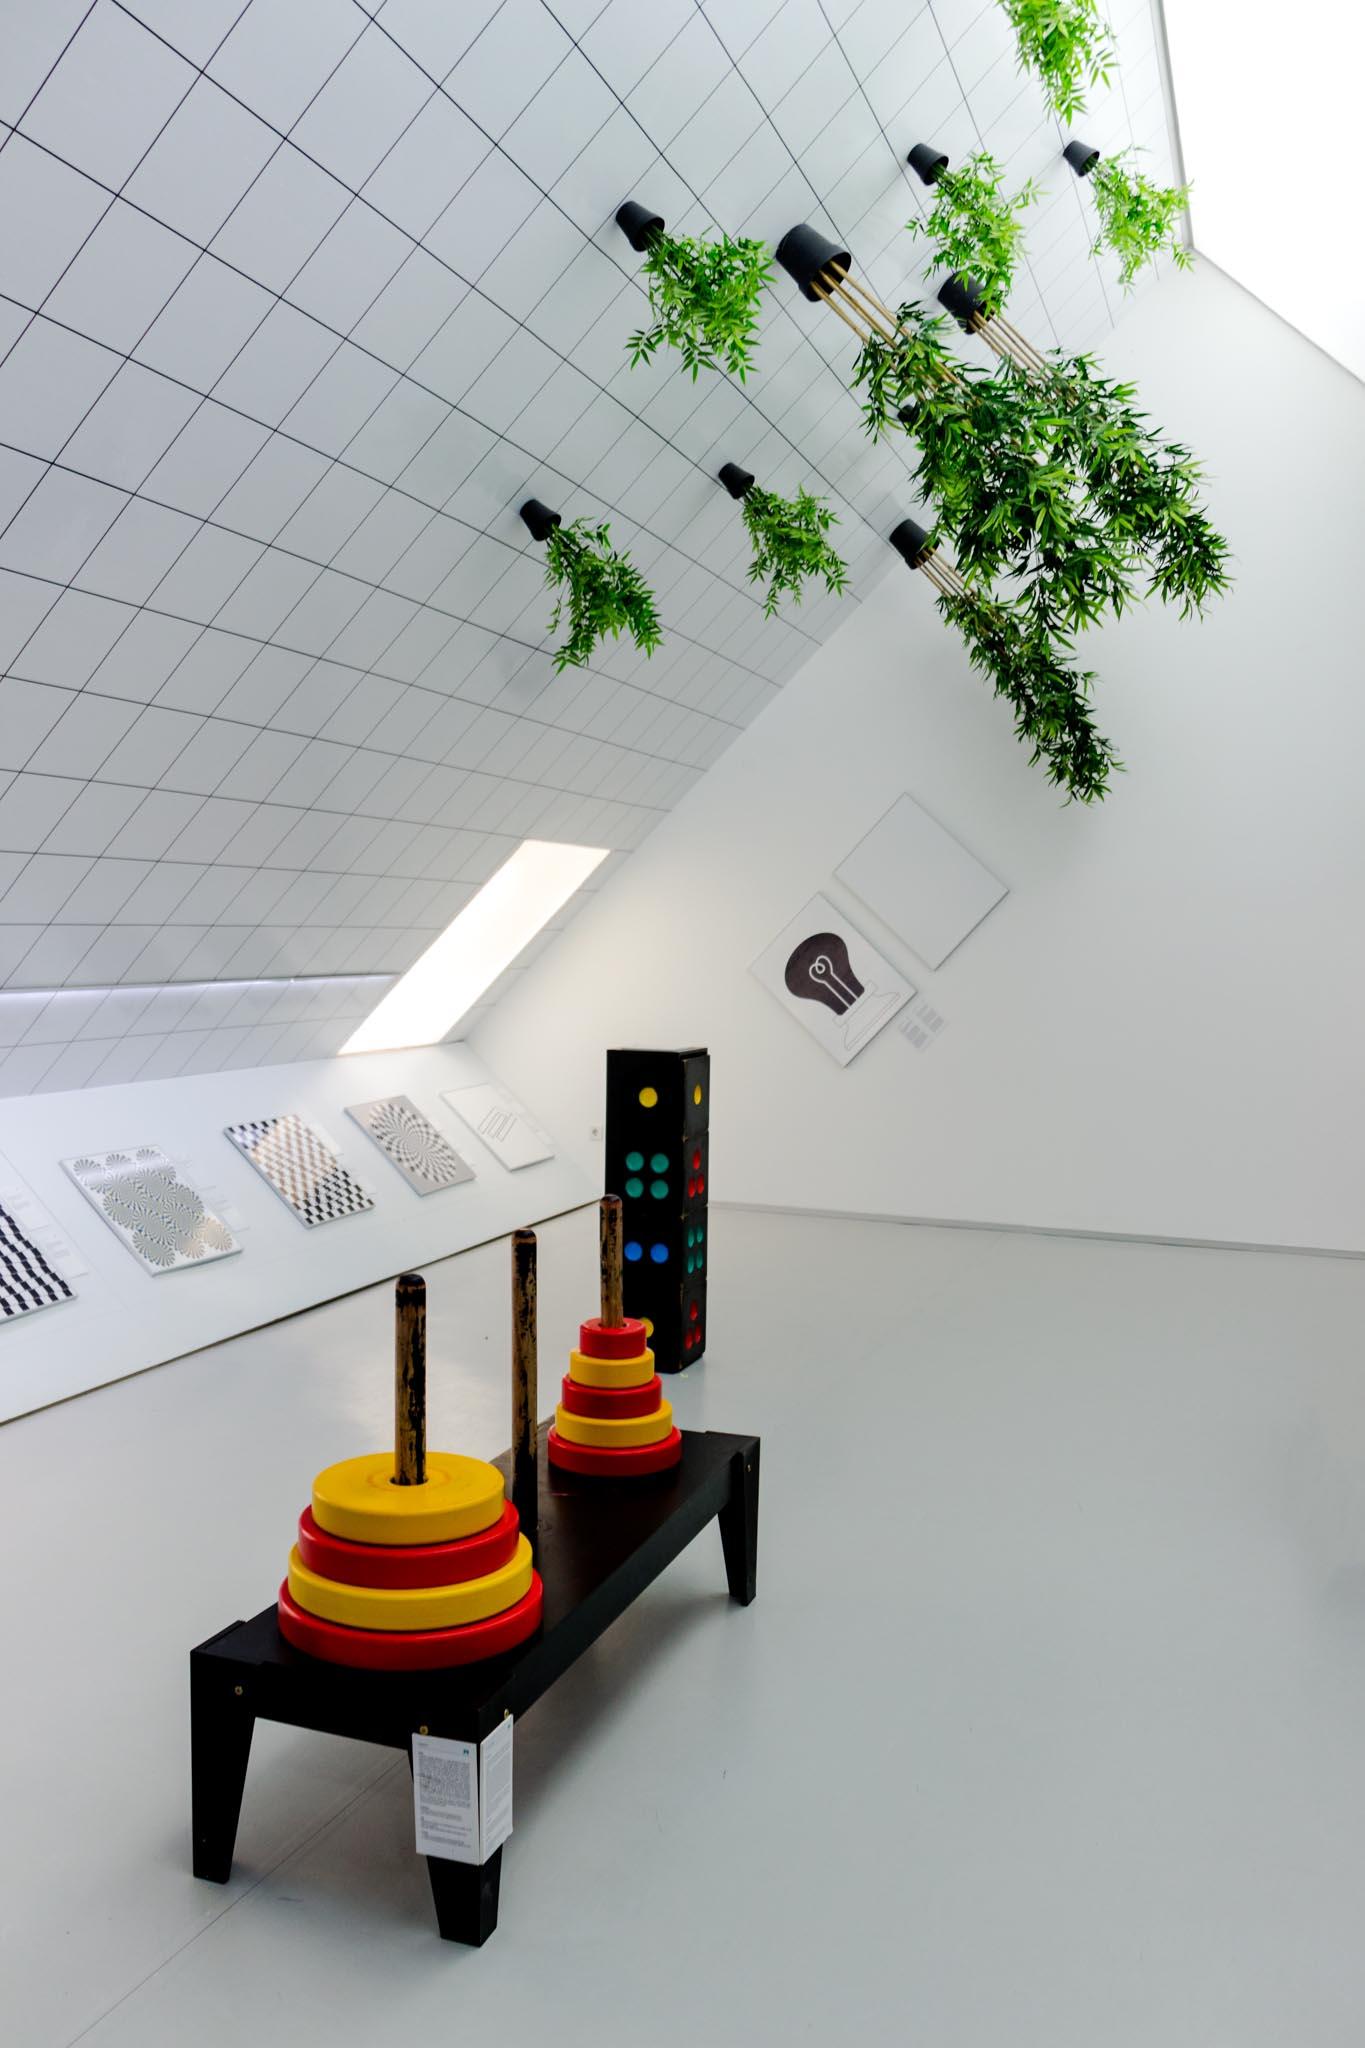 Atipičan Muzej U Kojemu Ne Vlada Tišina I Ništa Studentskihr